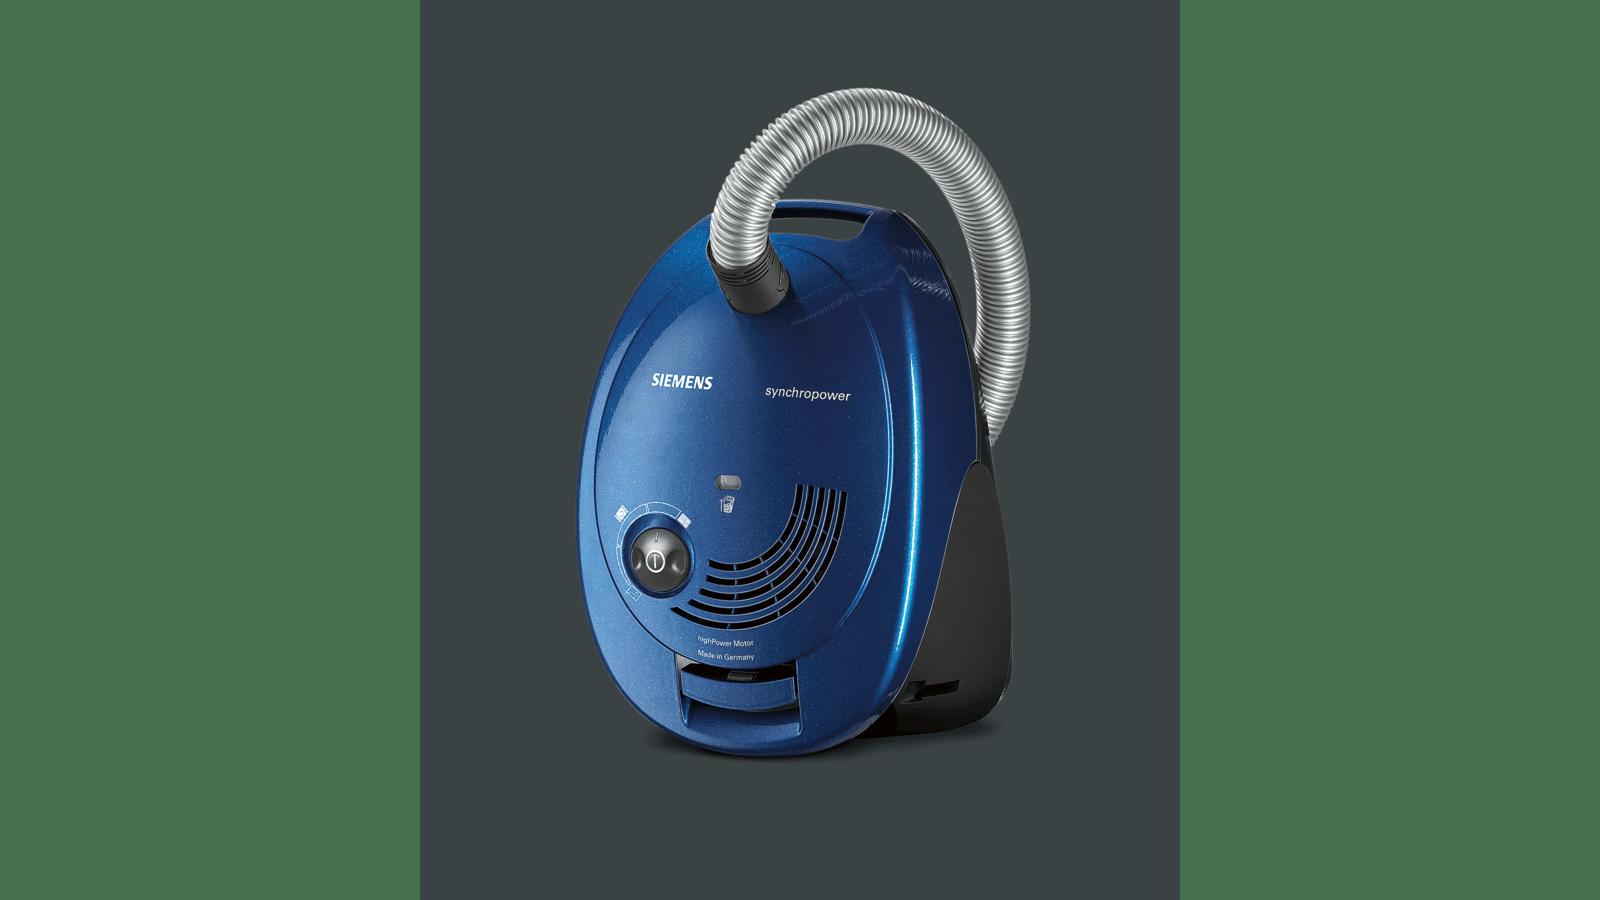 SIEMENS VS06B110 Bagged vacuum cleaner